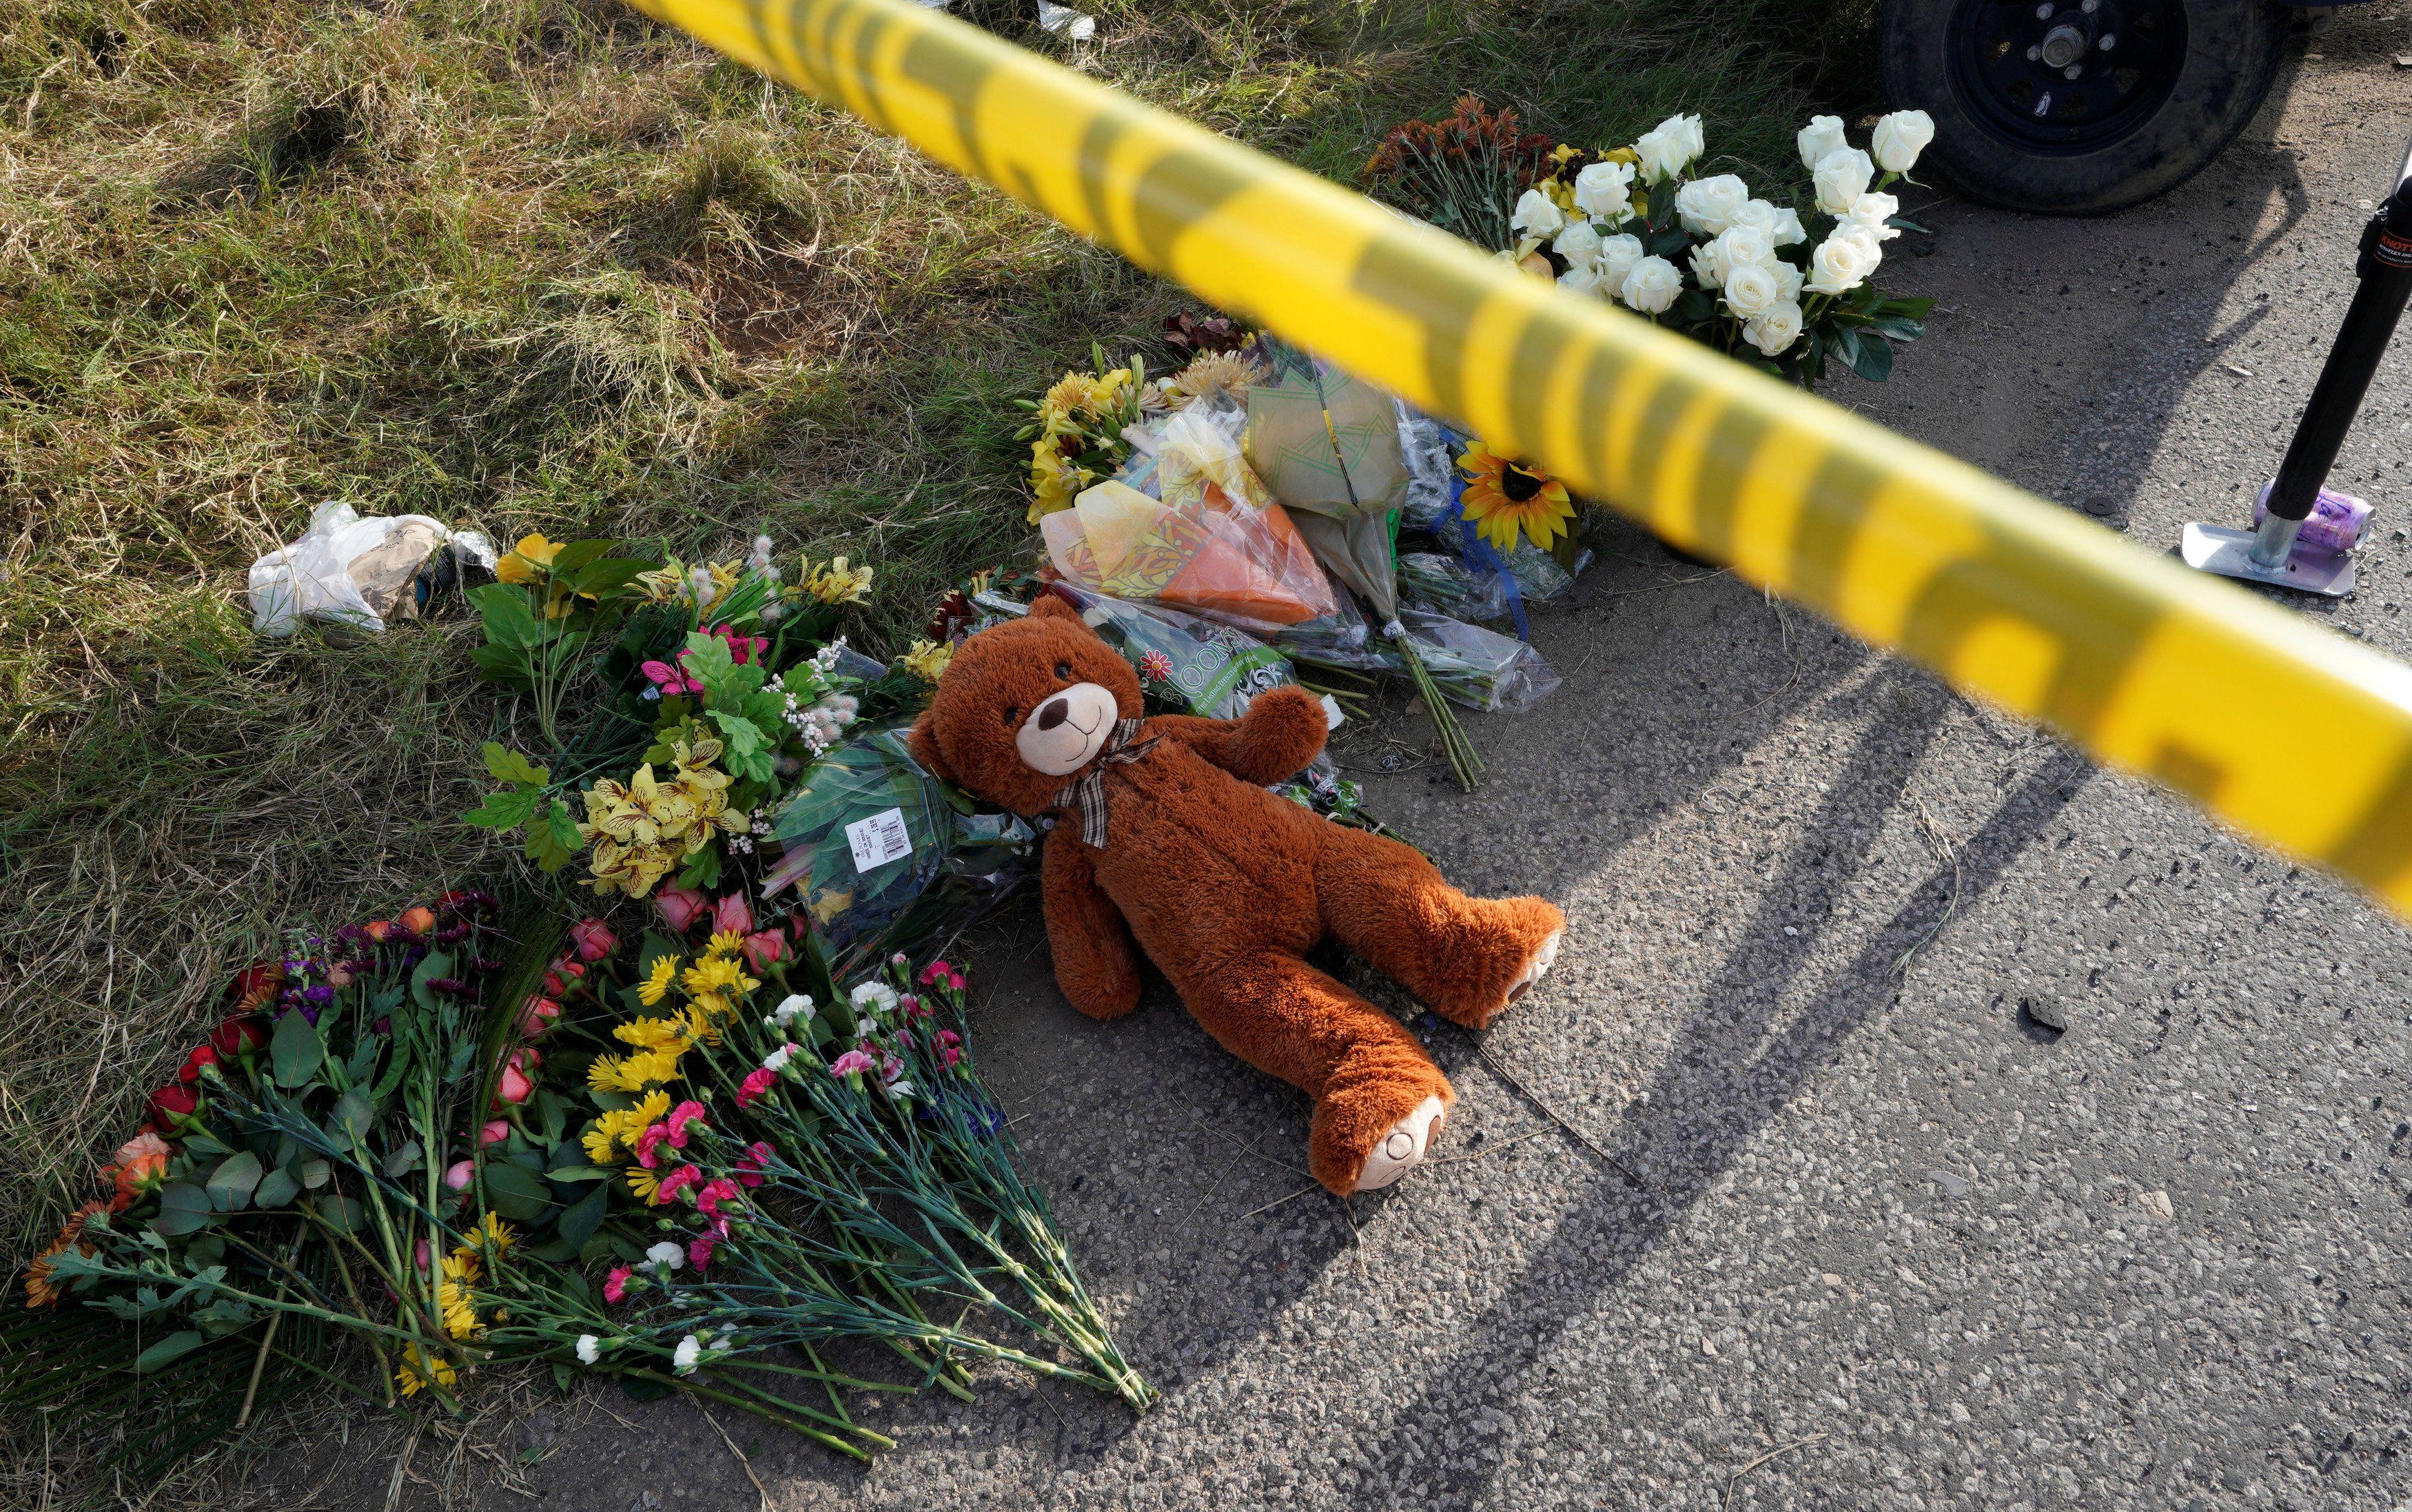 Цветы и игрушка возле места трагедии, иллюстрация